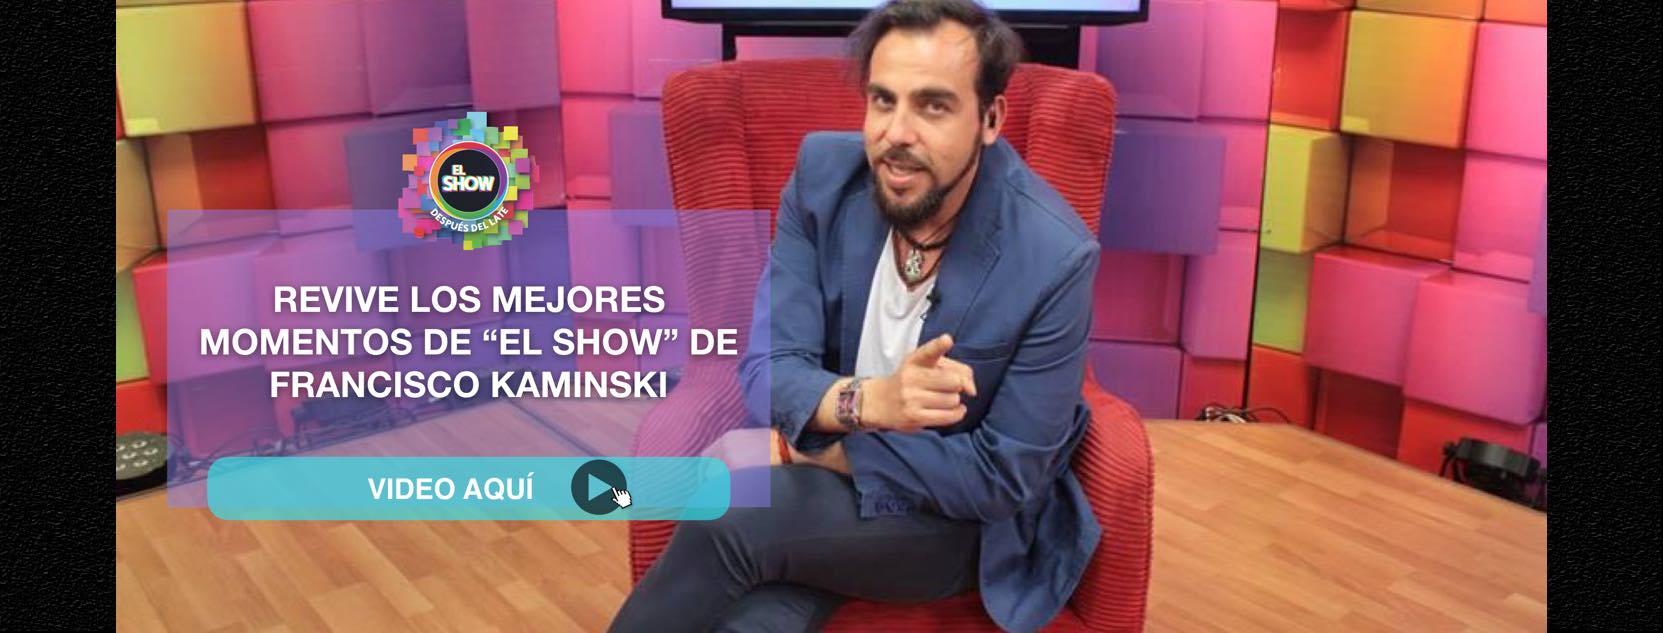 francisco-kaminski-el-show1